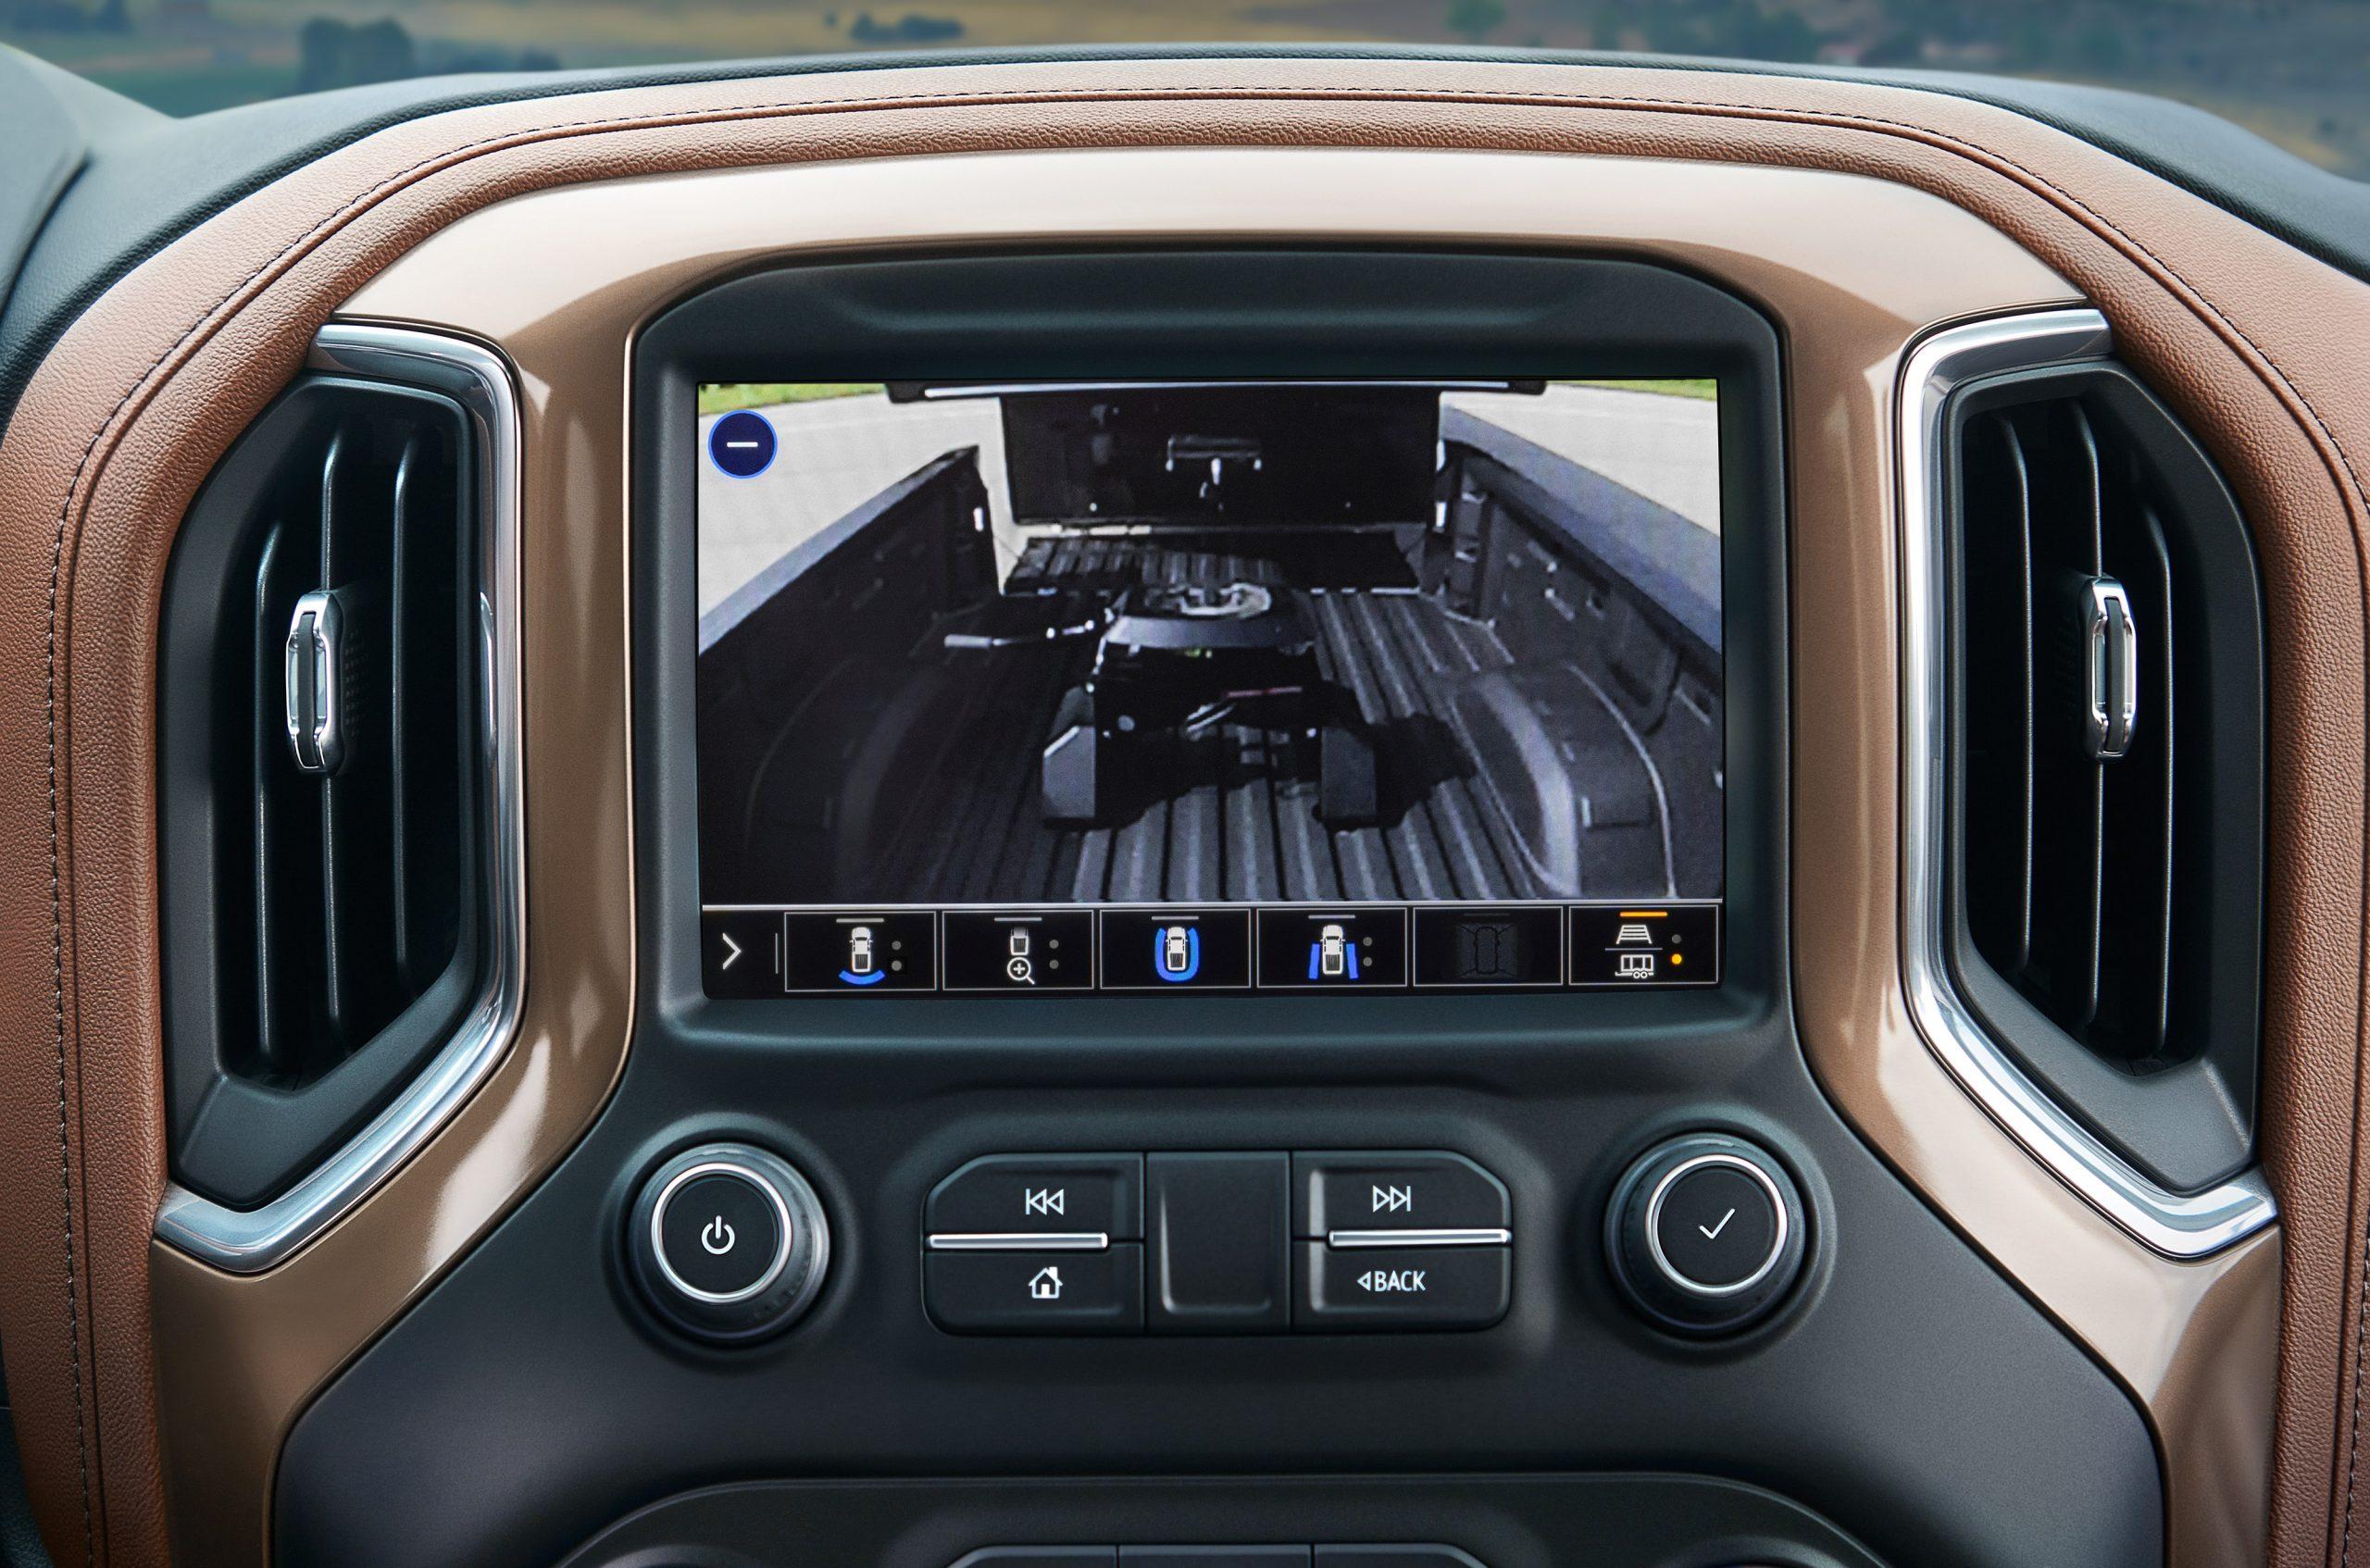 2021 Silverado HD Cargo Bed View Enhancement